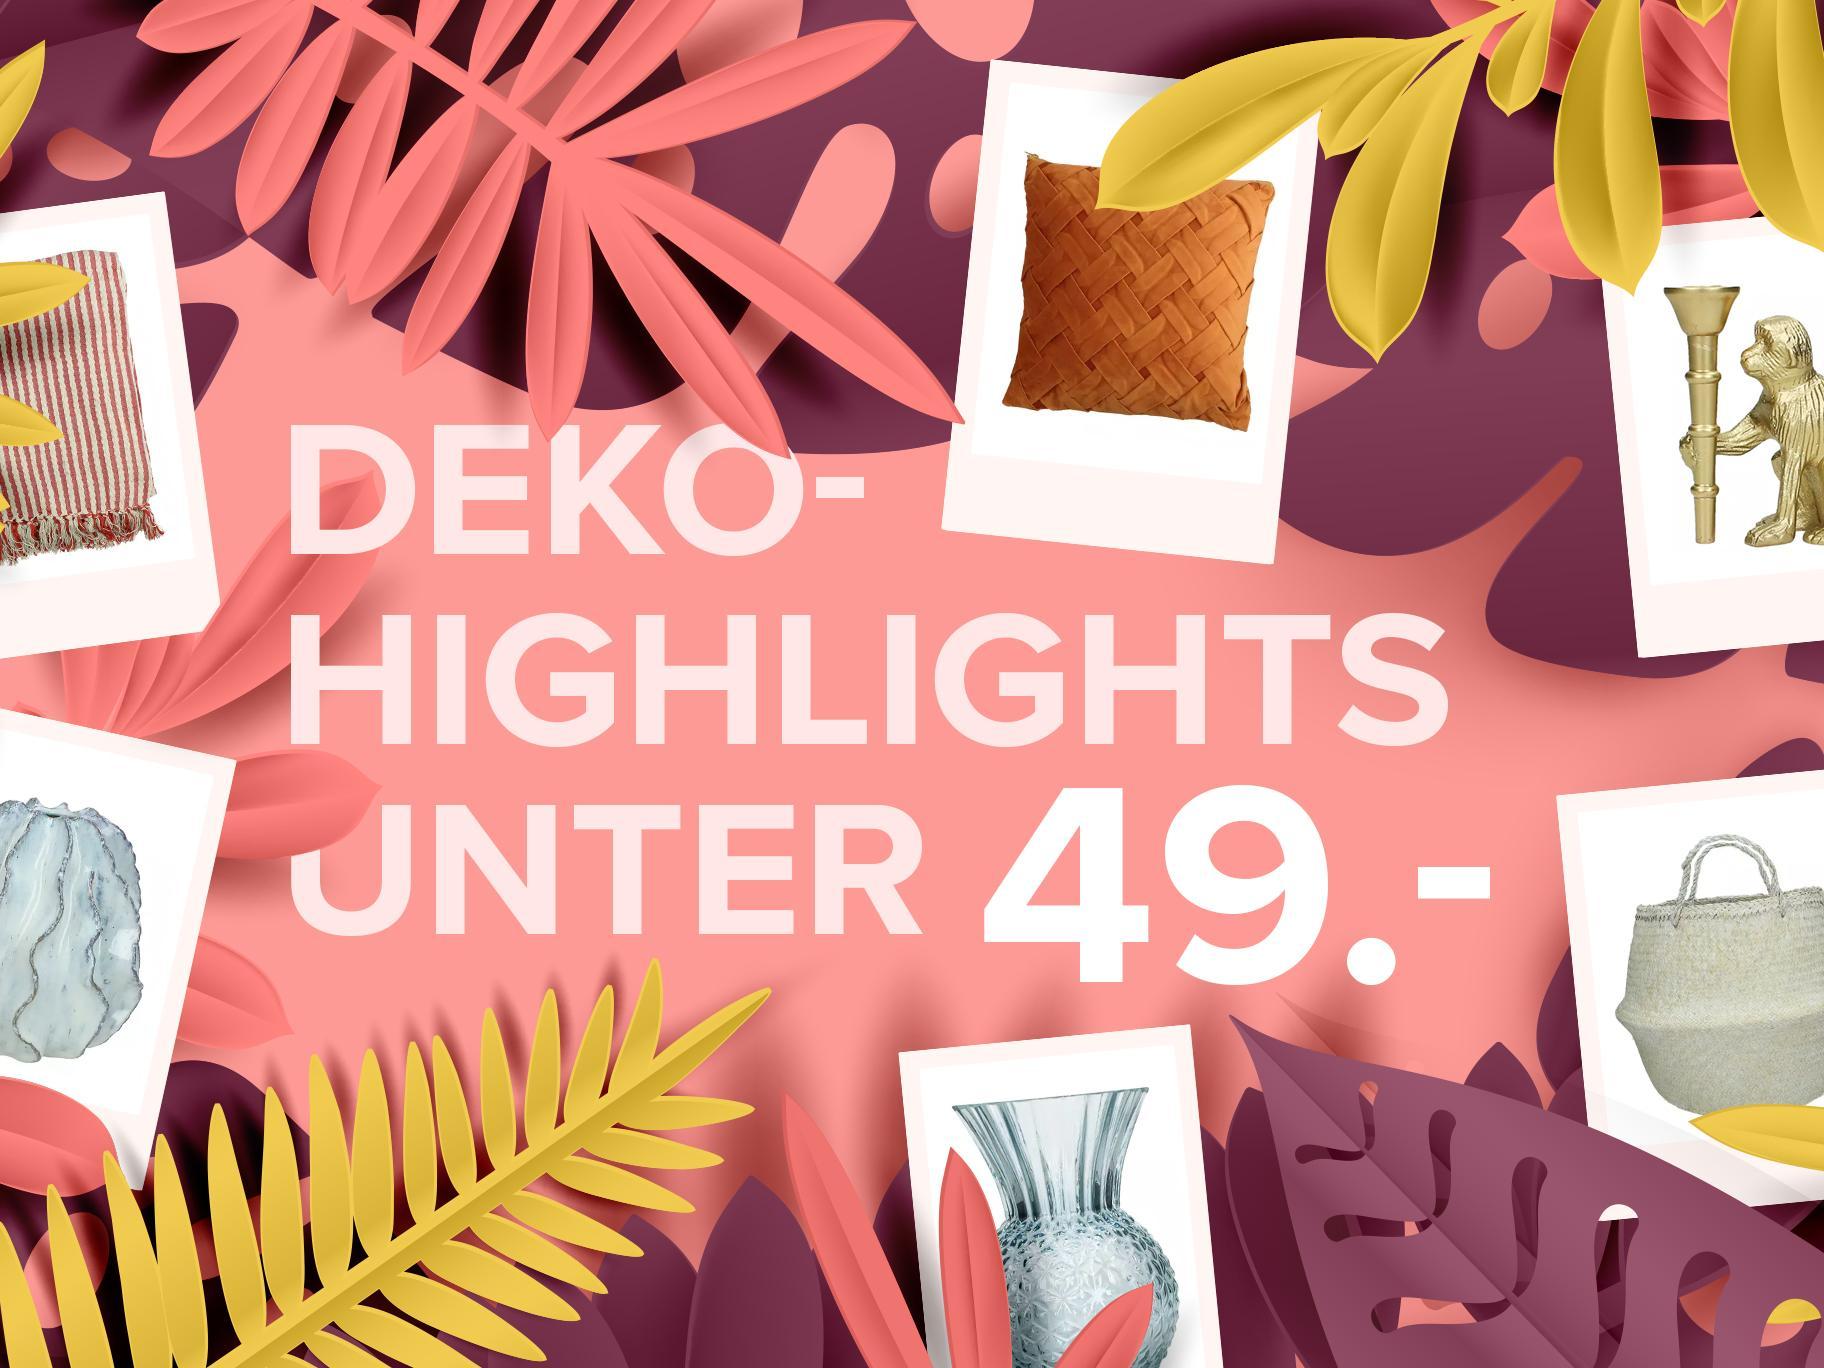 Deko-Highlights unter CHF 49